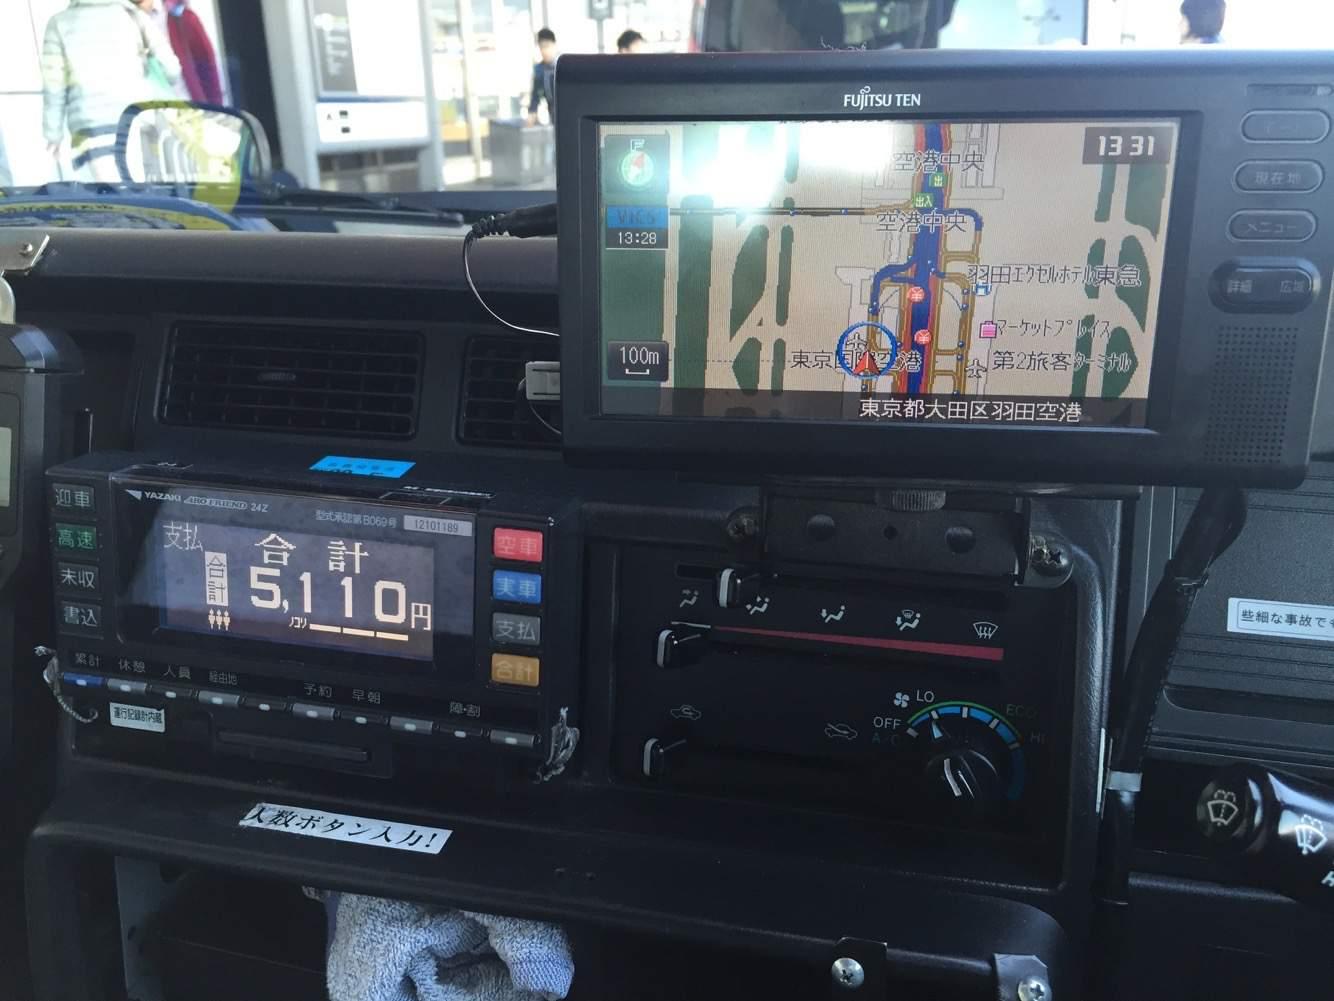 タクシードライバーになって2ヶ月目の乗務が終了。大分営業も慣れてきました♪【乗務記録23日目】